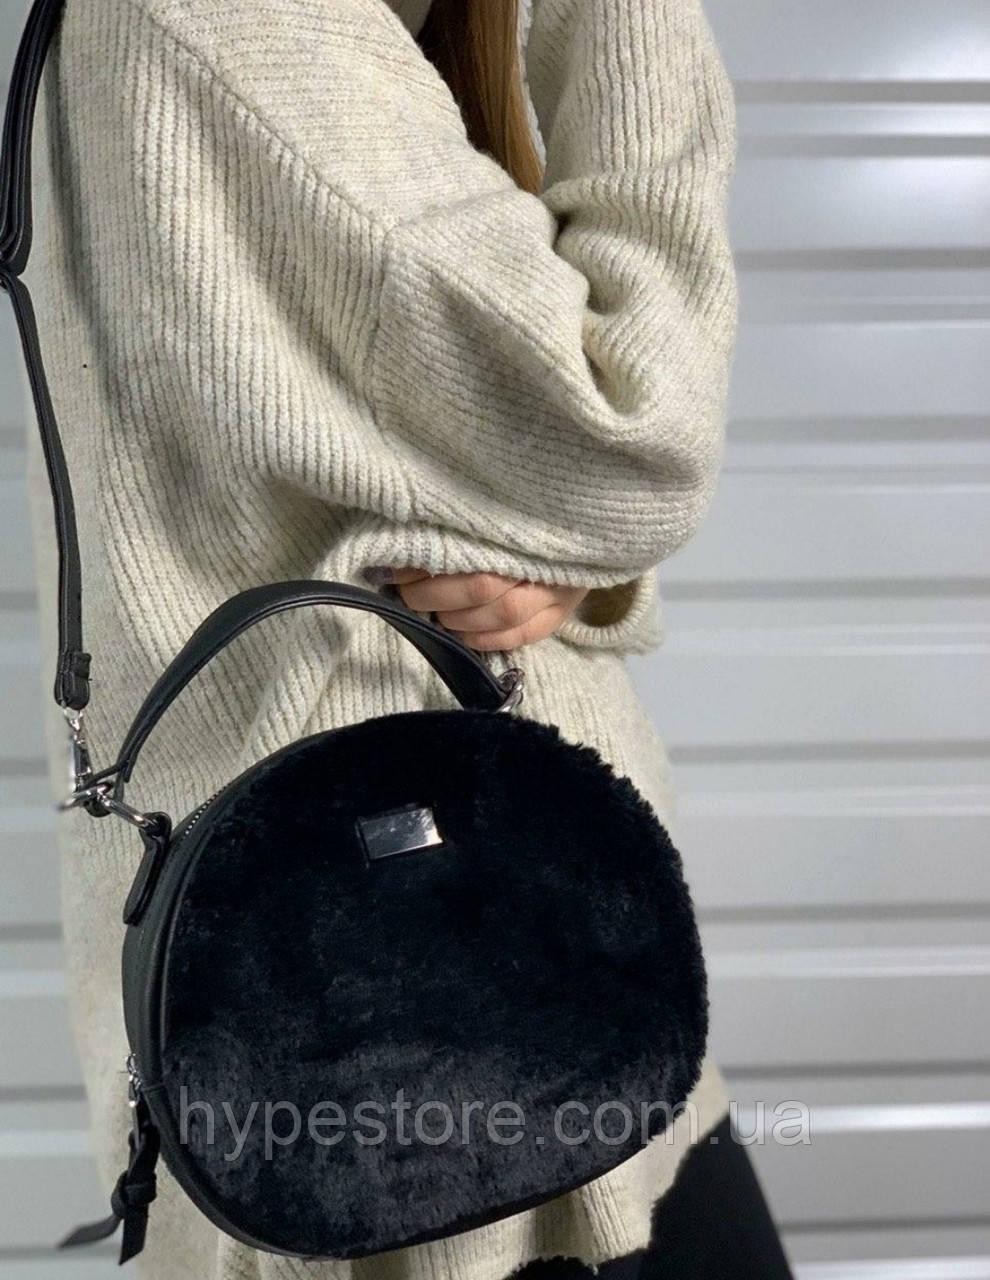 Элегантная, стильная сумка с искусственным мехом, Сумок много не бывает!!!